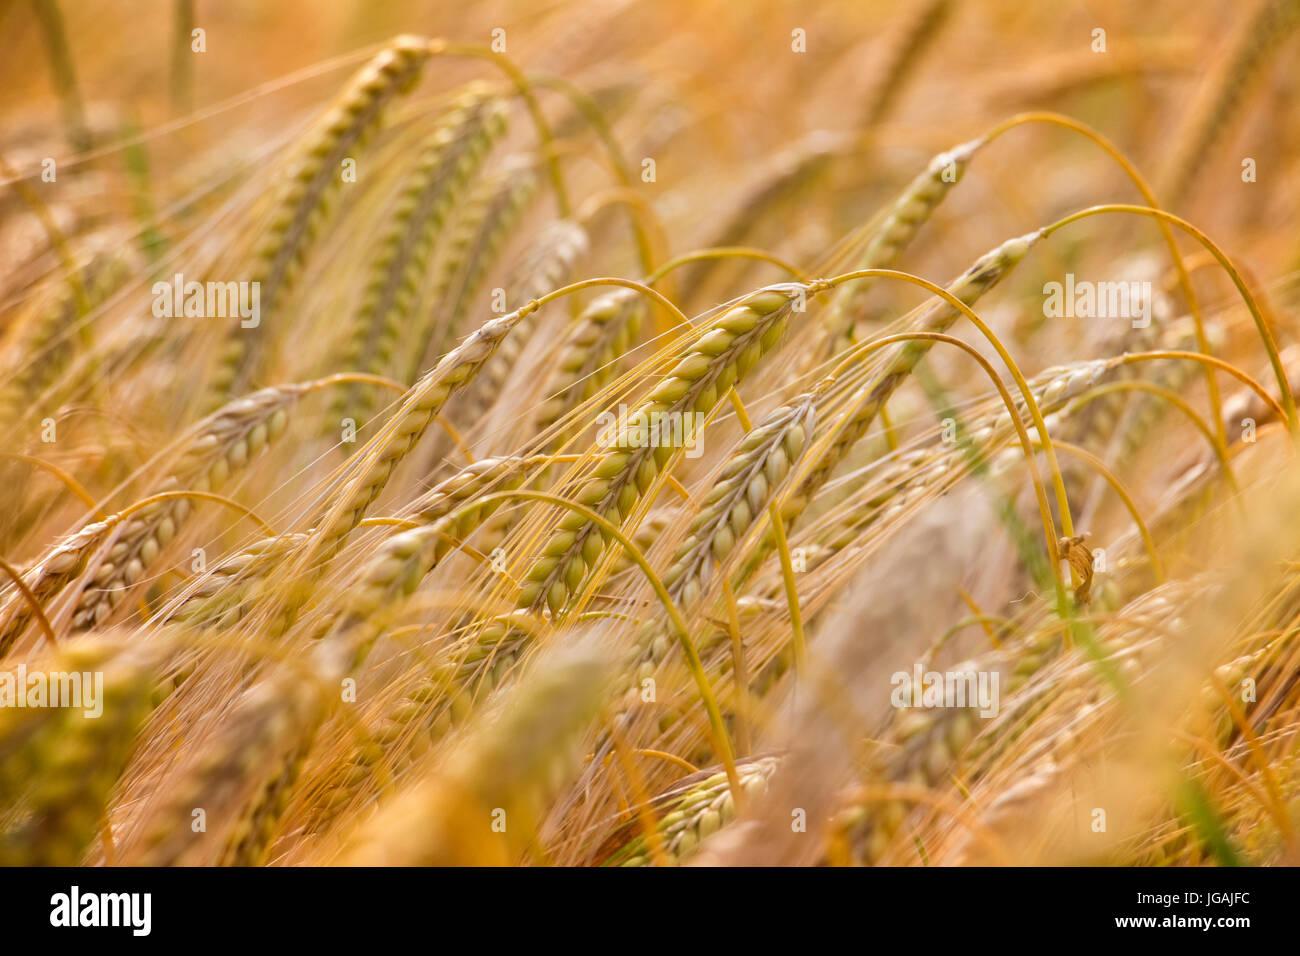 La récolte d'orge d'hiver en juin. Lincolnshire, Angleterre, RU Photo Stock